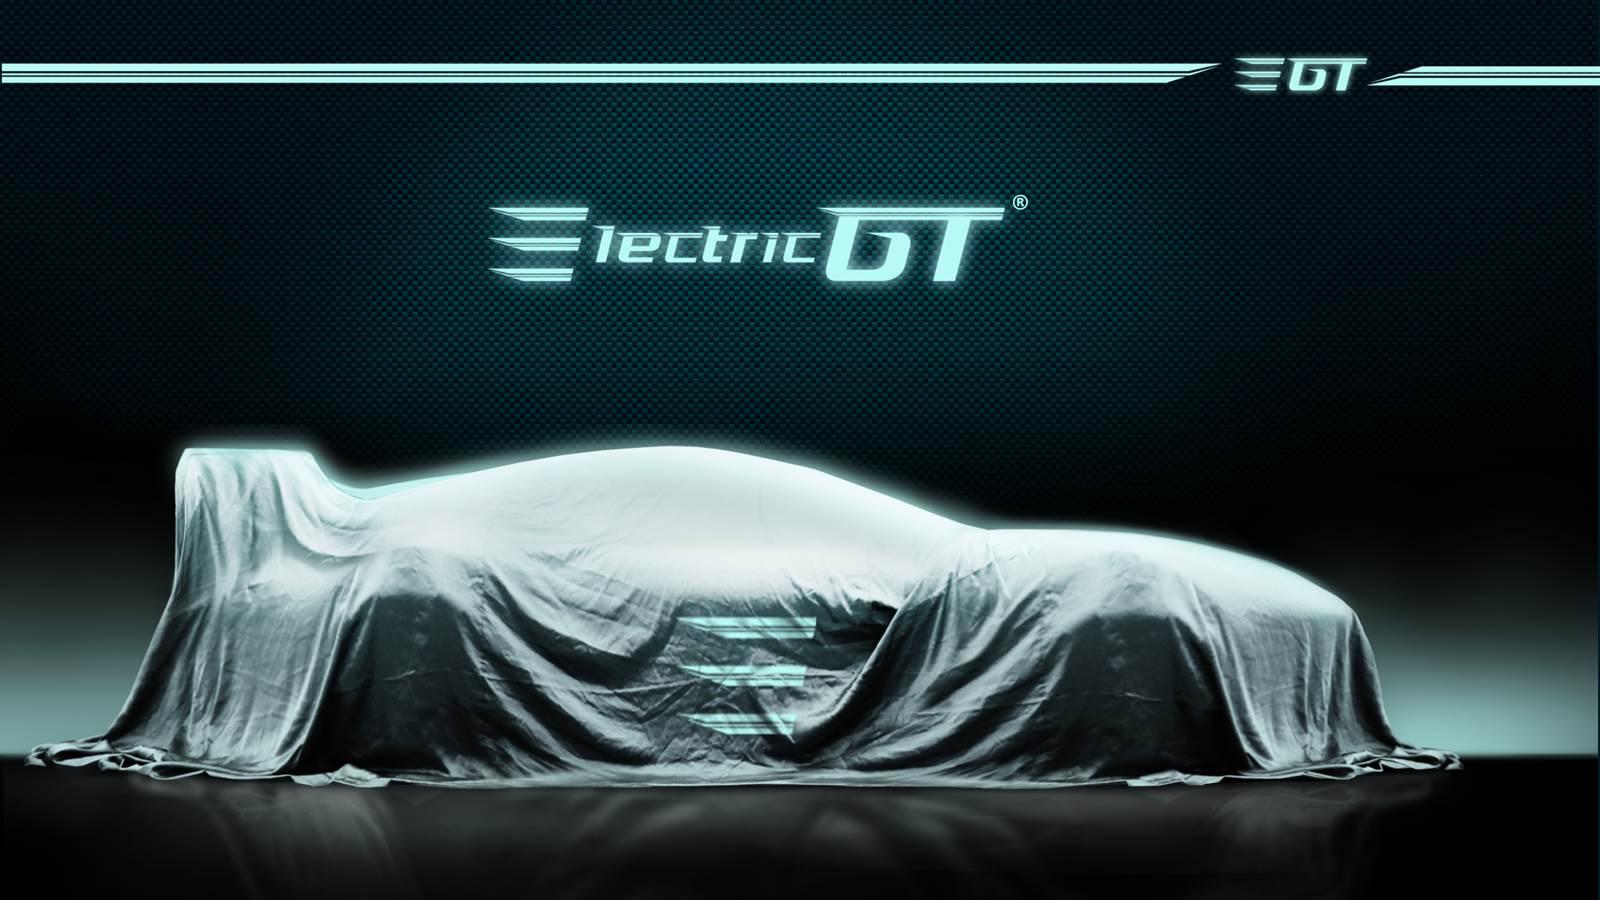 Tras la lona, se esconde el nuevo Electric GT. EGTHoldingsINC